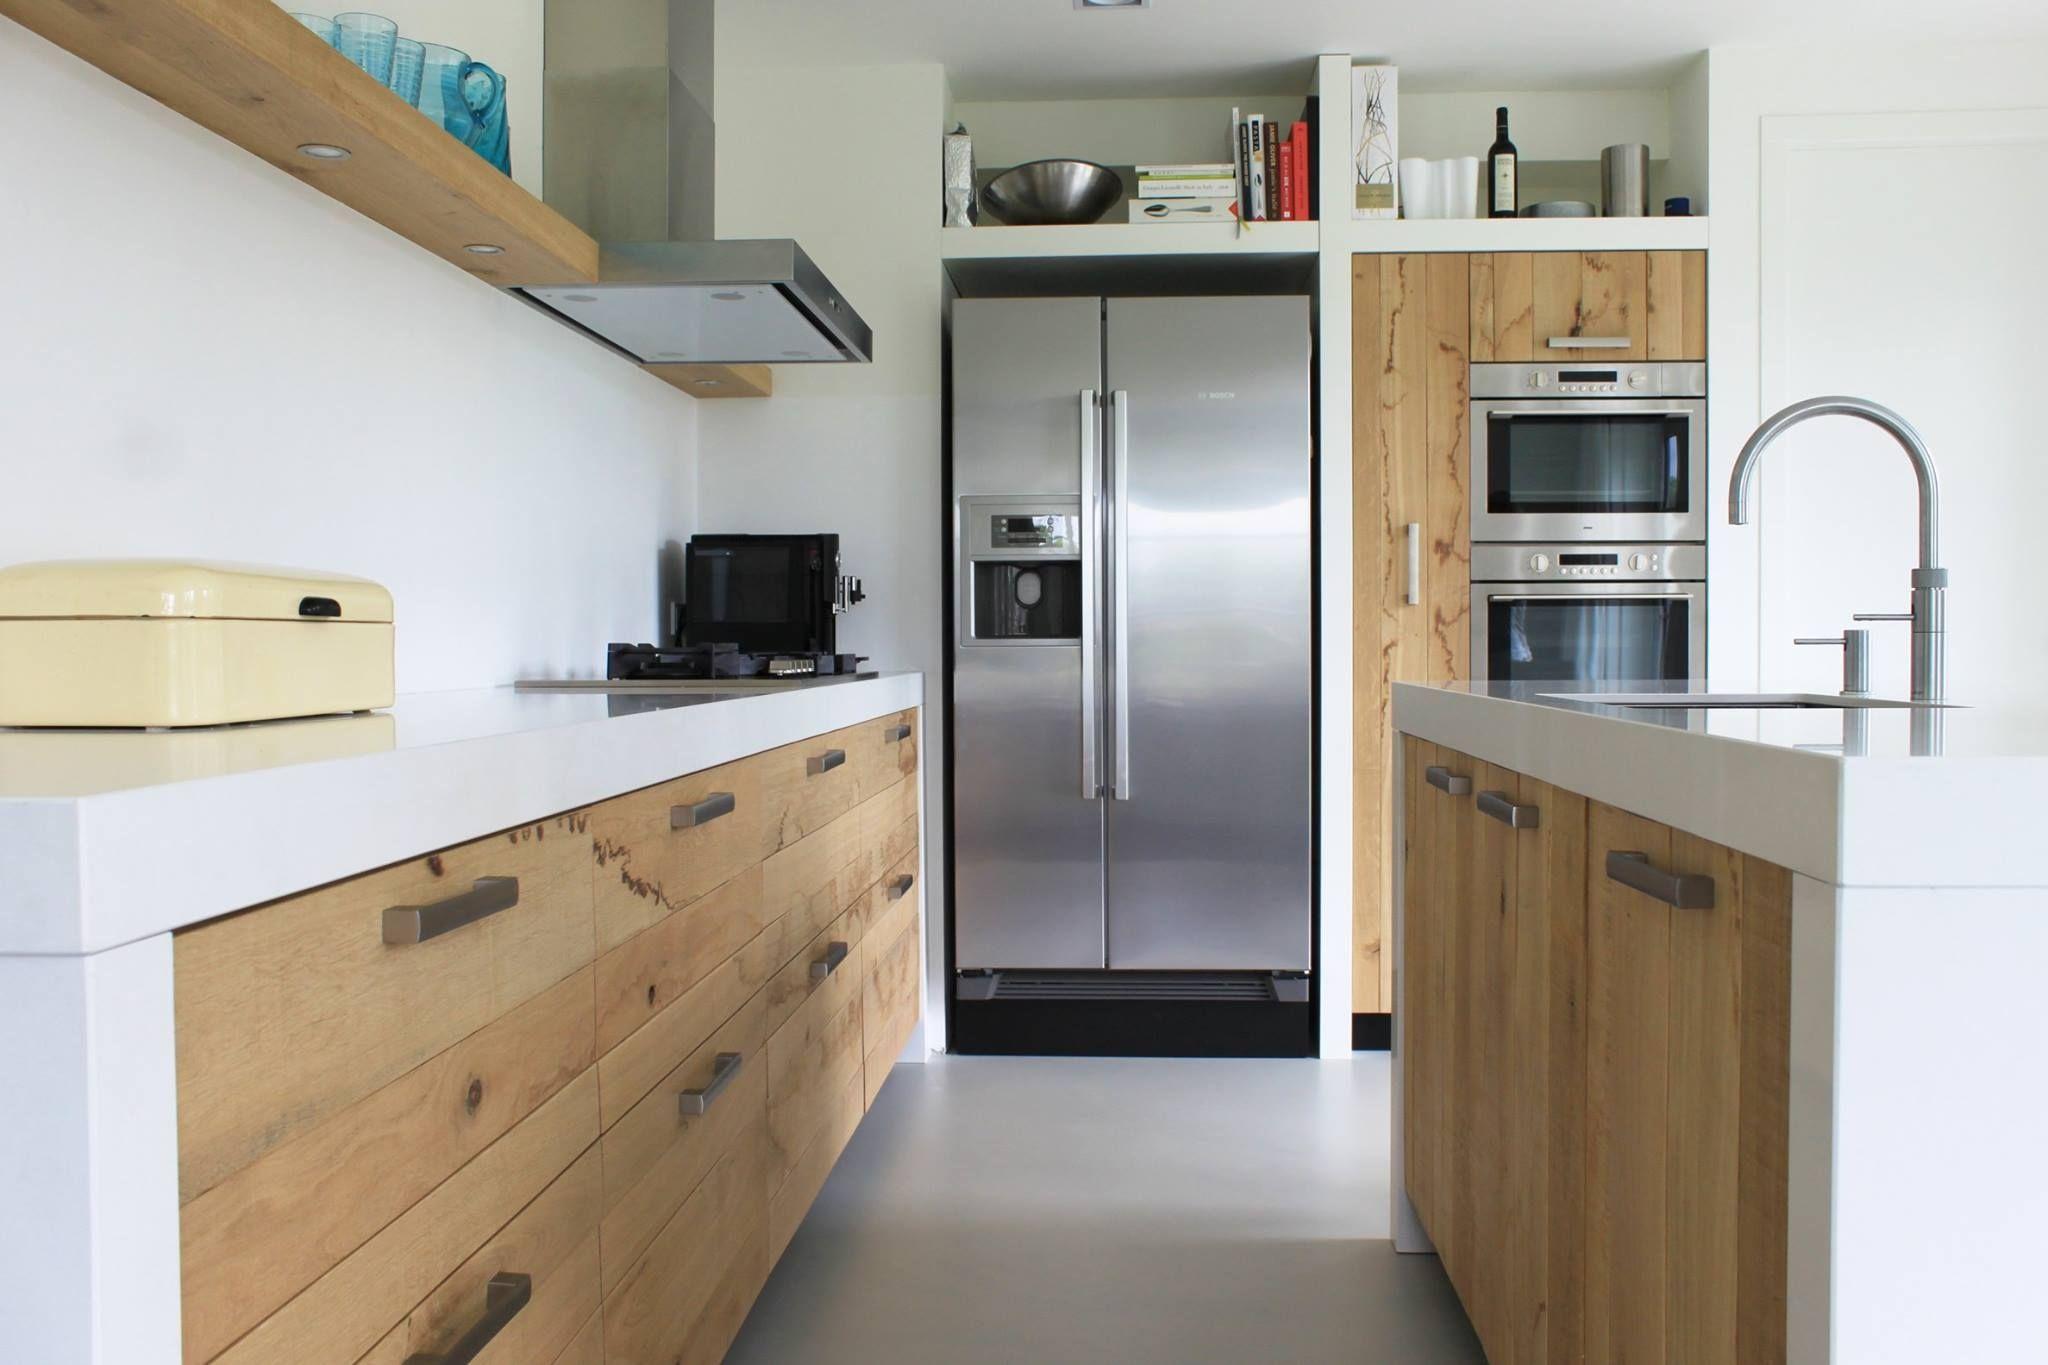 Afbeeldingsresultaat voor witte keukenblad houten kast is